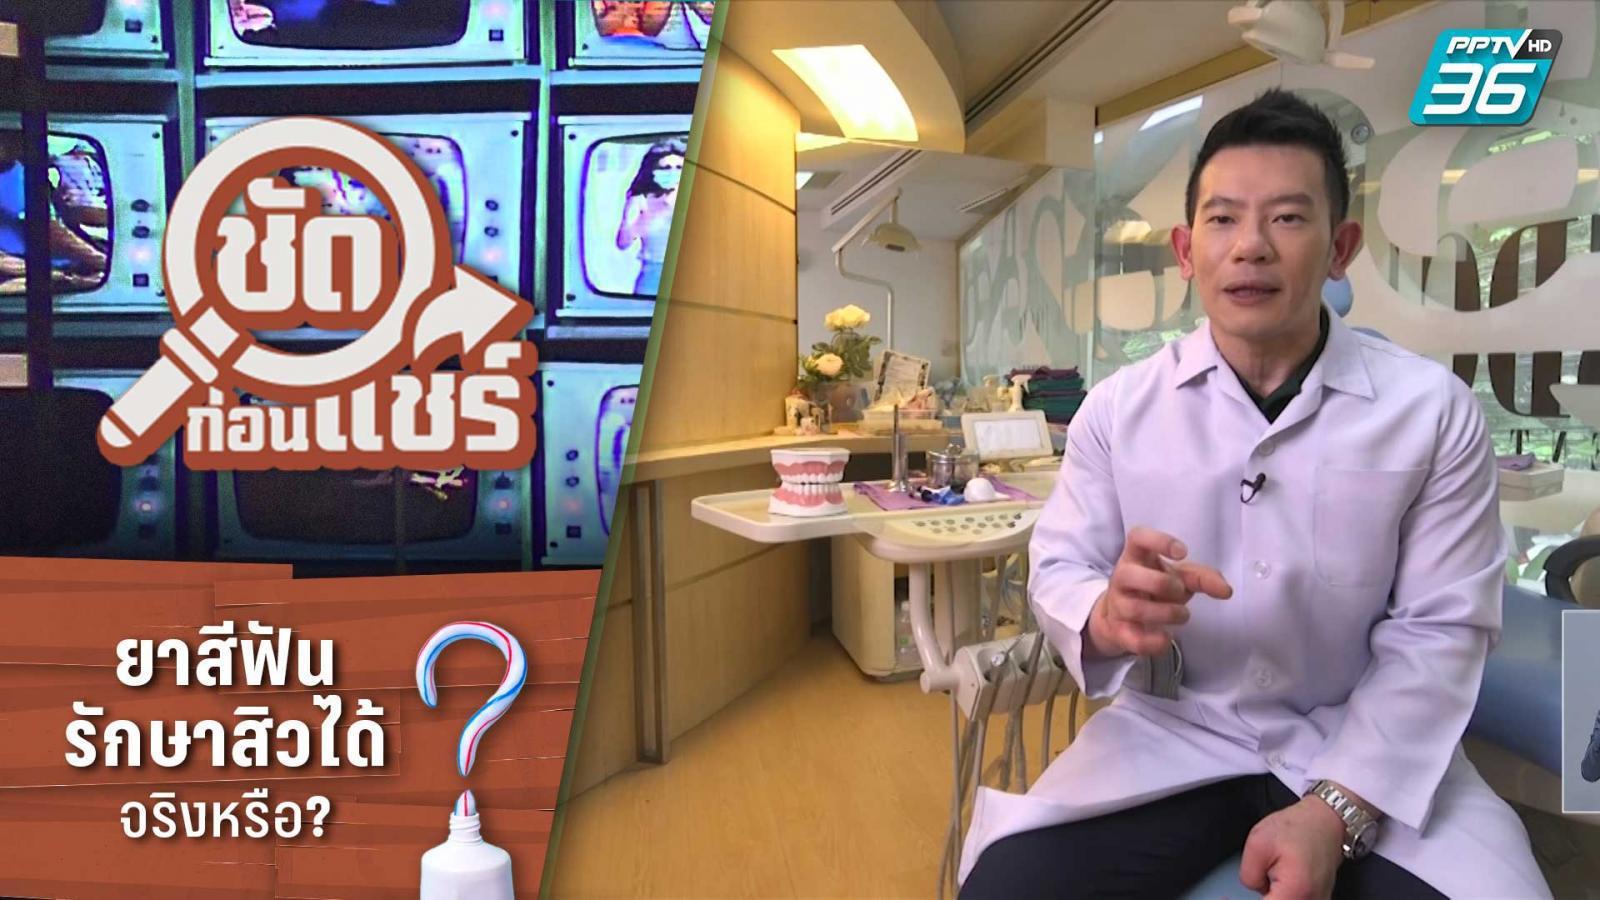 ชัดก่อนแชร์ | ยาสีฟันรักษาสิวได้ จริงหรือ? | PPTV HD 36